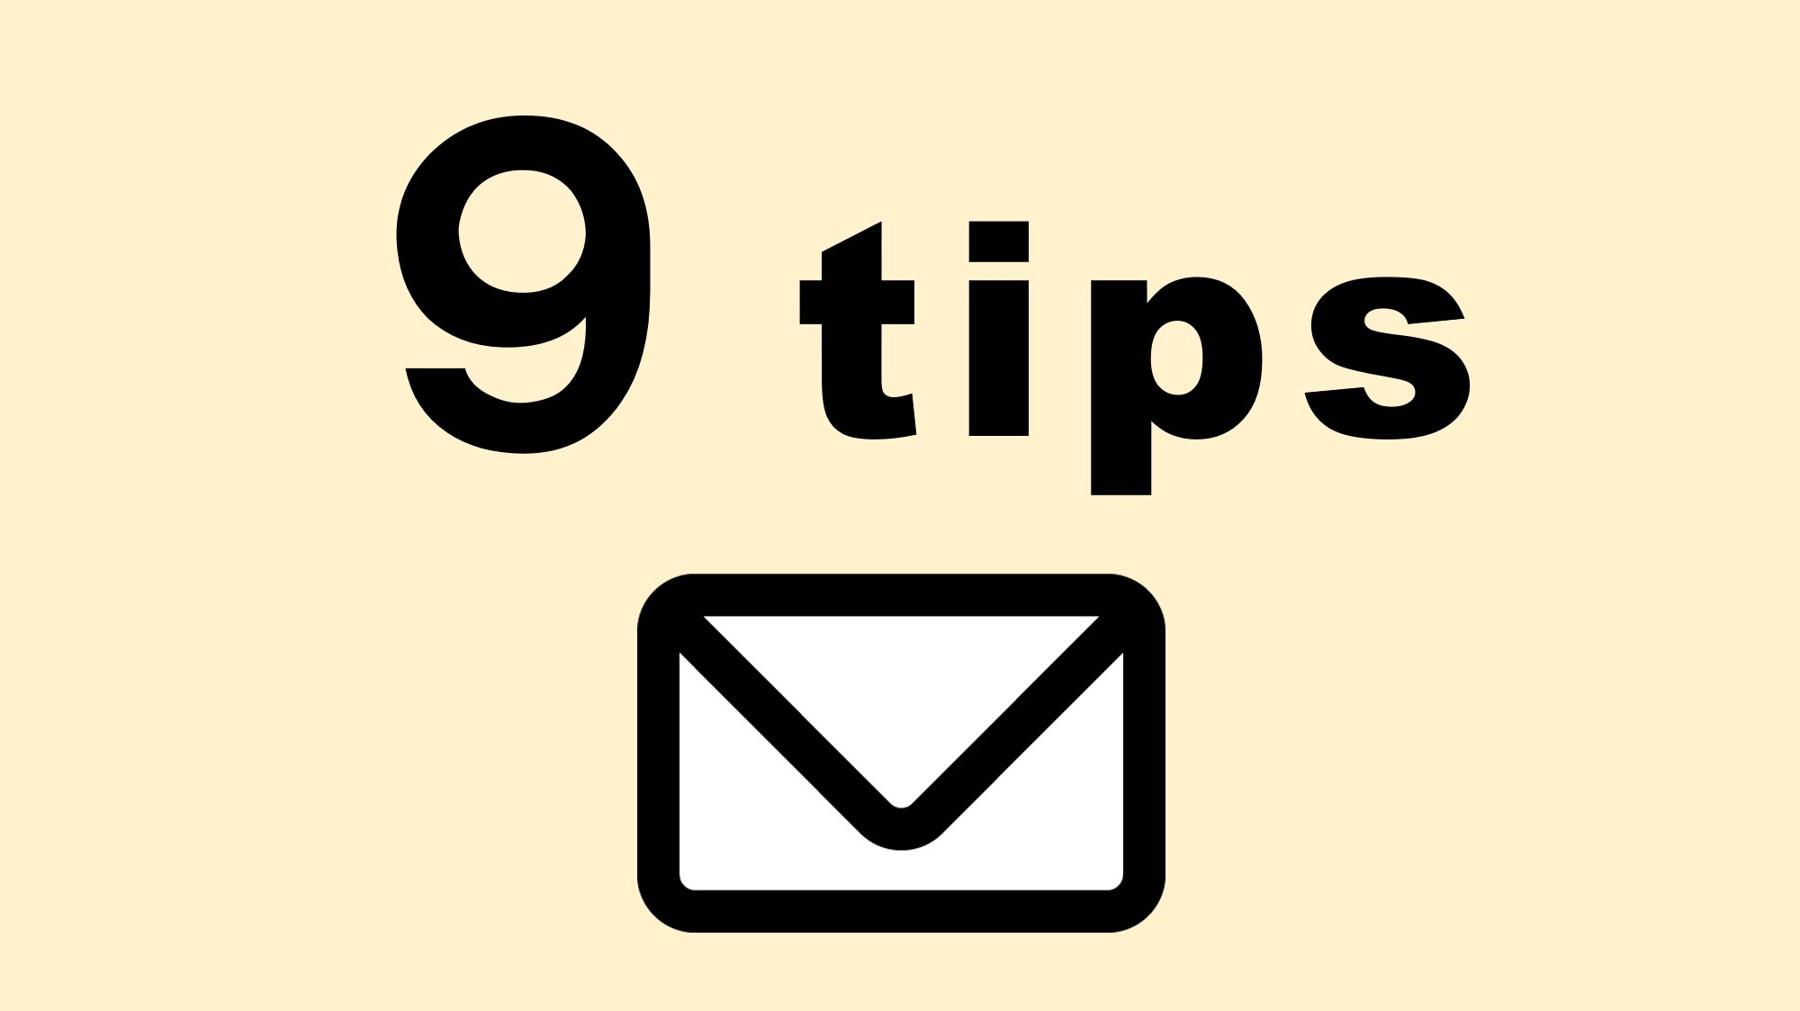 メルマガを面白くする書き方とは?初心者でも即実践できる9つのコツ【例文付き】